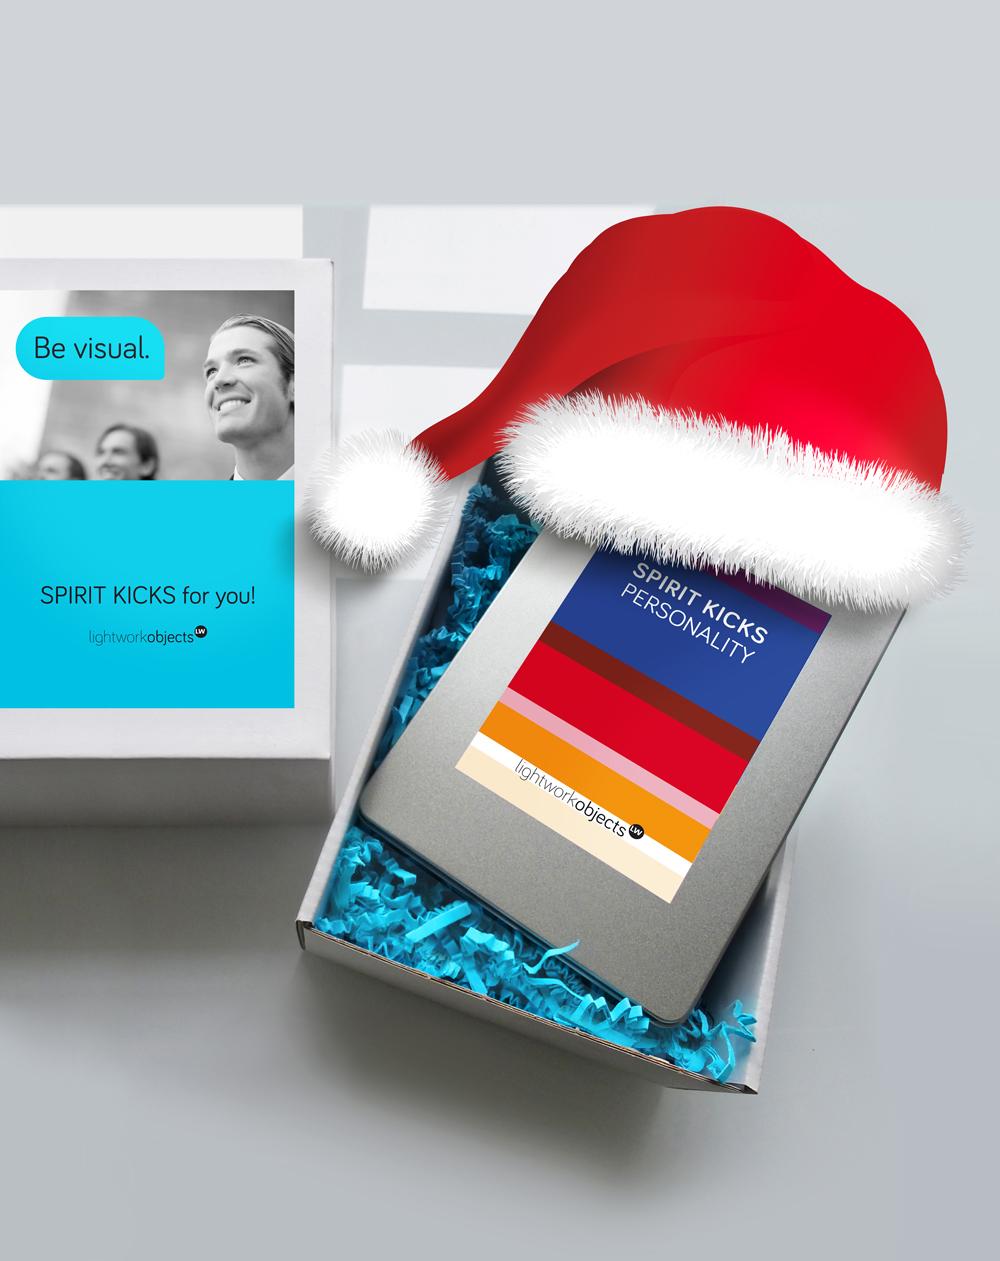 Neue Business Geschenke Mit Spirit Und Sinn Fur Geschaftspartner